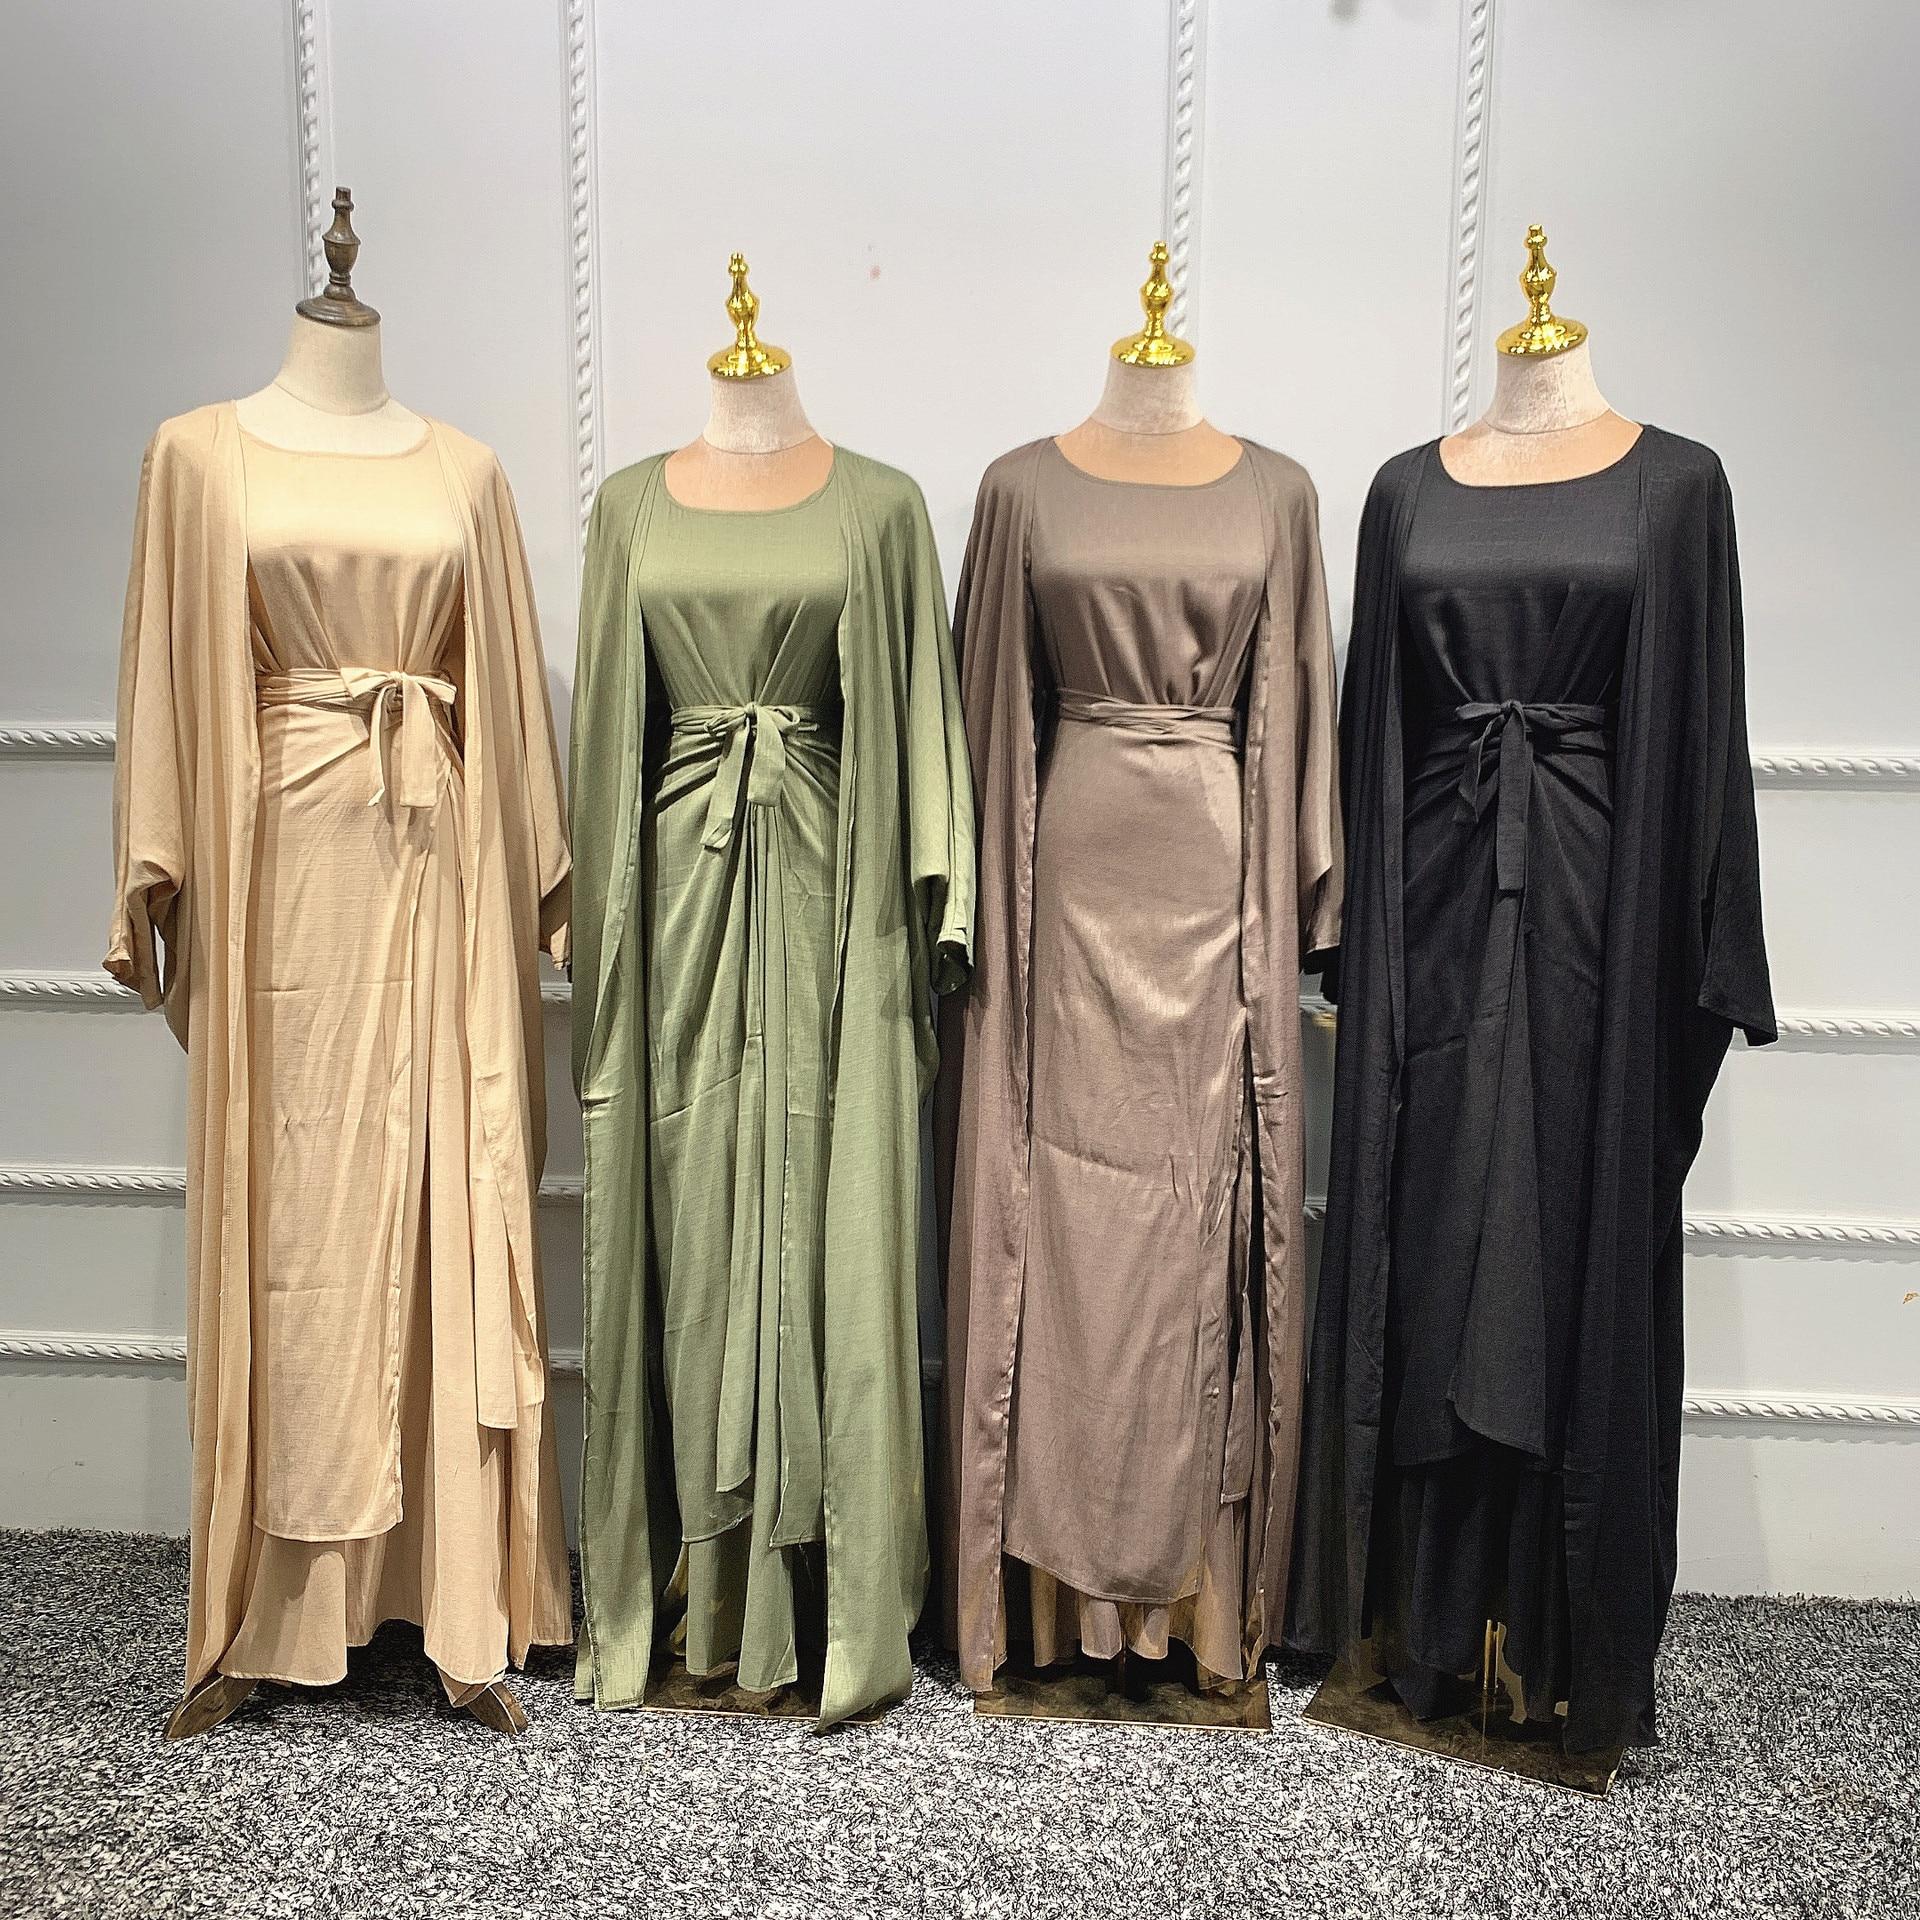 vestido indiano islam roupas de moda musulmana